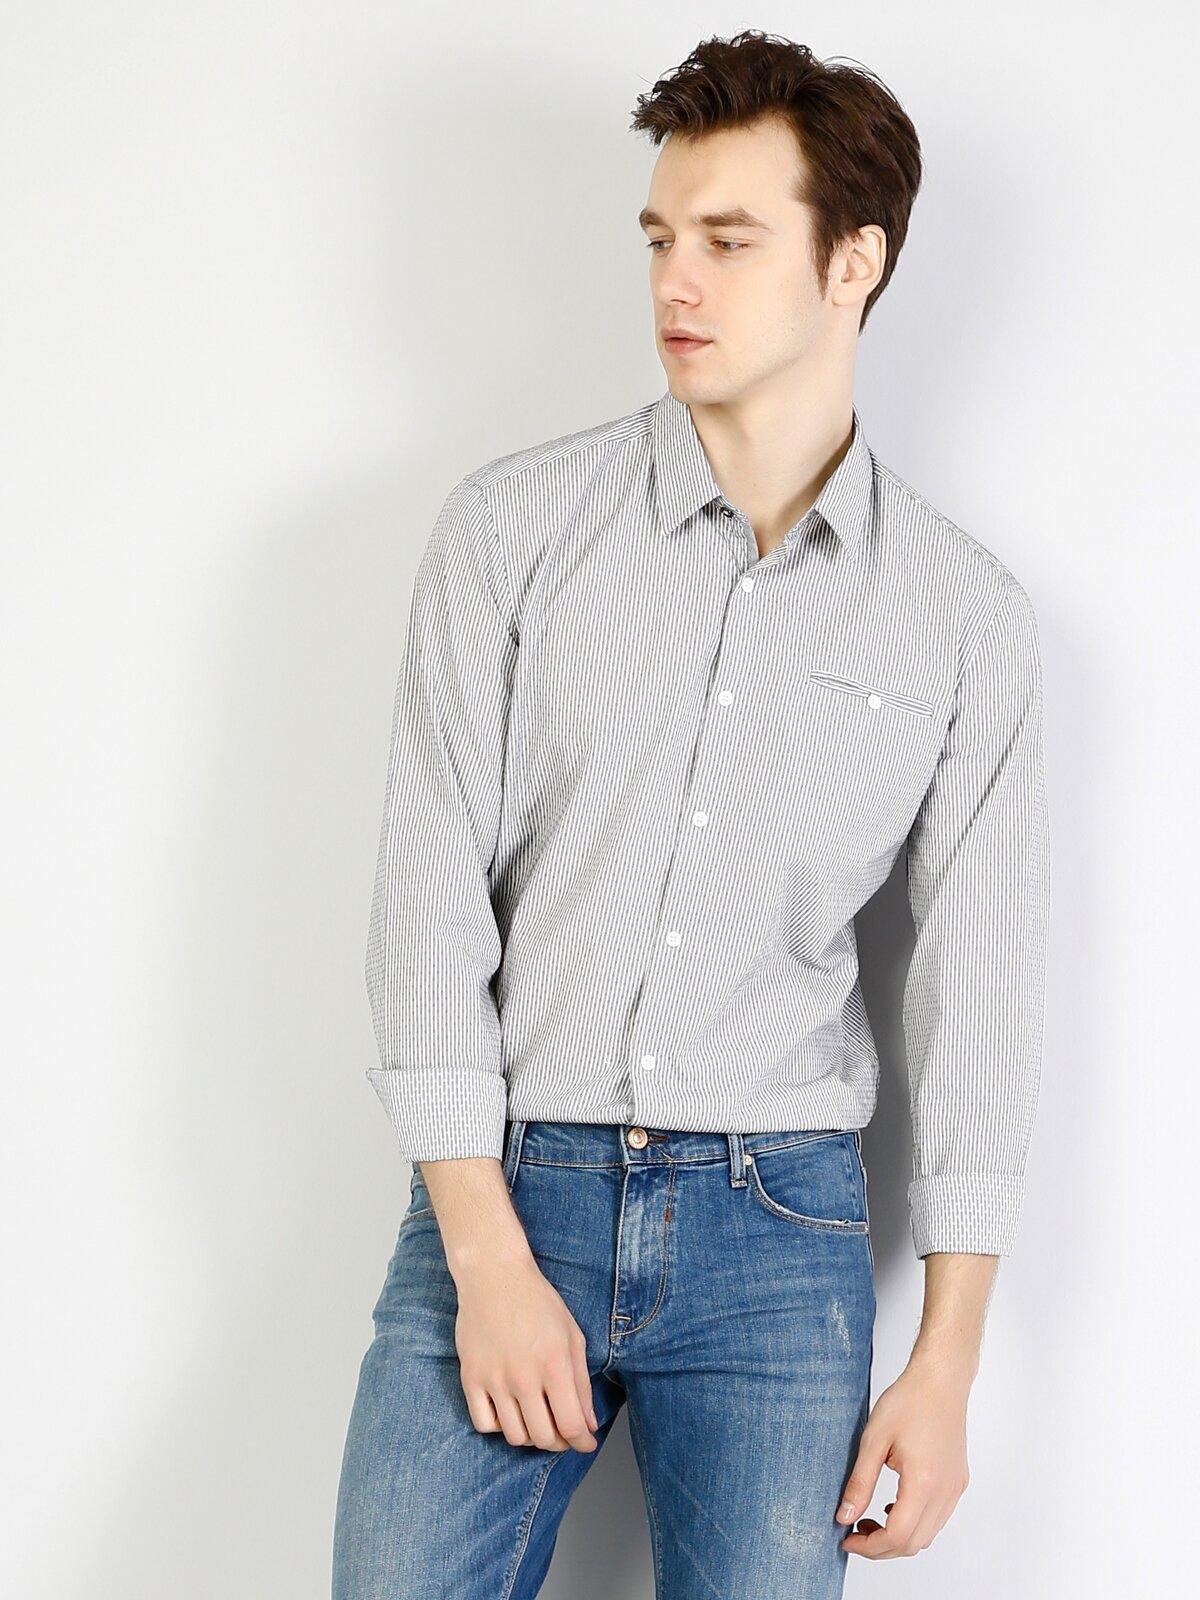 fed1528613423 Erkek Gömlek U.kol - Erkek Uzun Kol Gömlek Modelleri ve Fiyatları ...